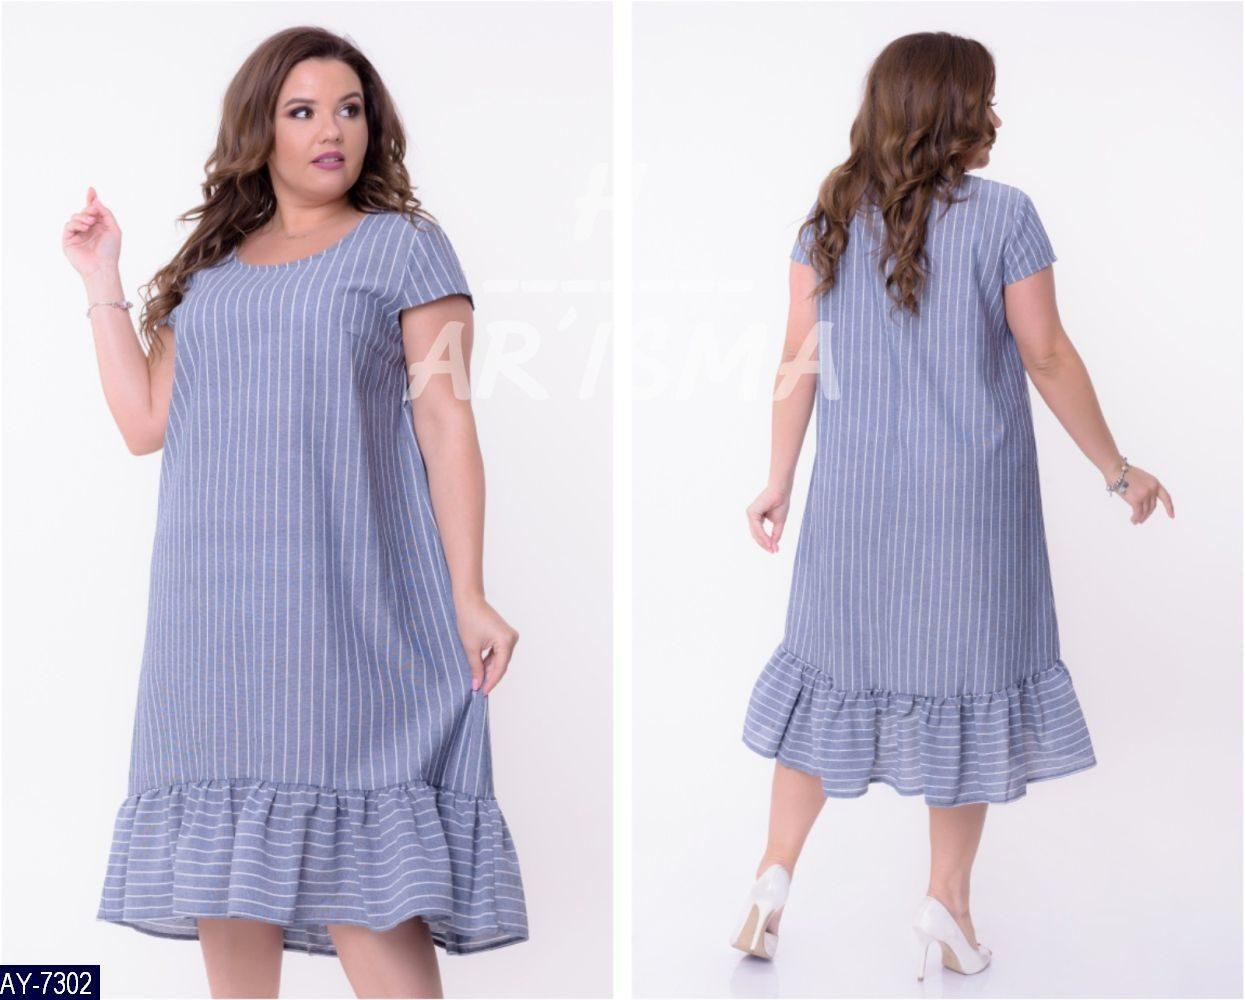 57ac6e8805e Льняное летнее платье миди с коротким рукавом свободное на пышных дам  голубое в белую полоску р